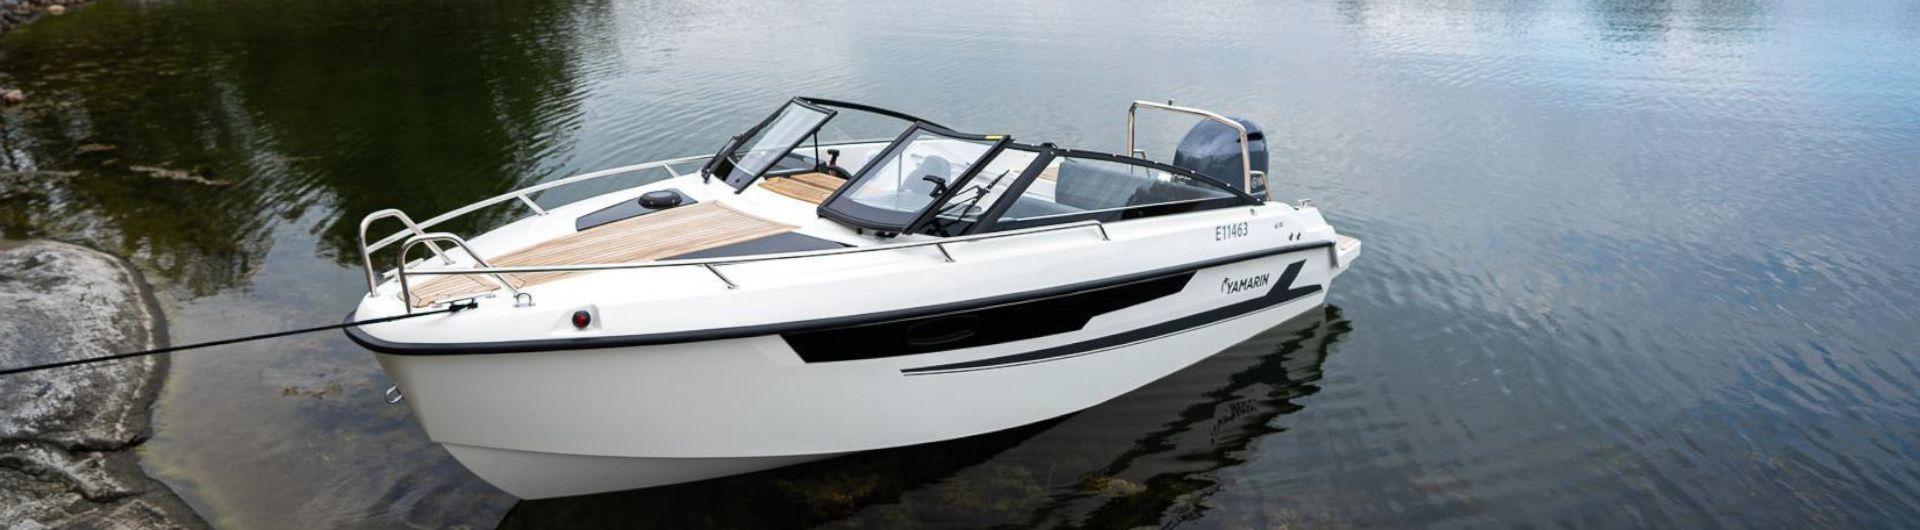 Sportboot Yamarin 63 Day Cruiser Header